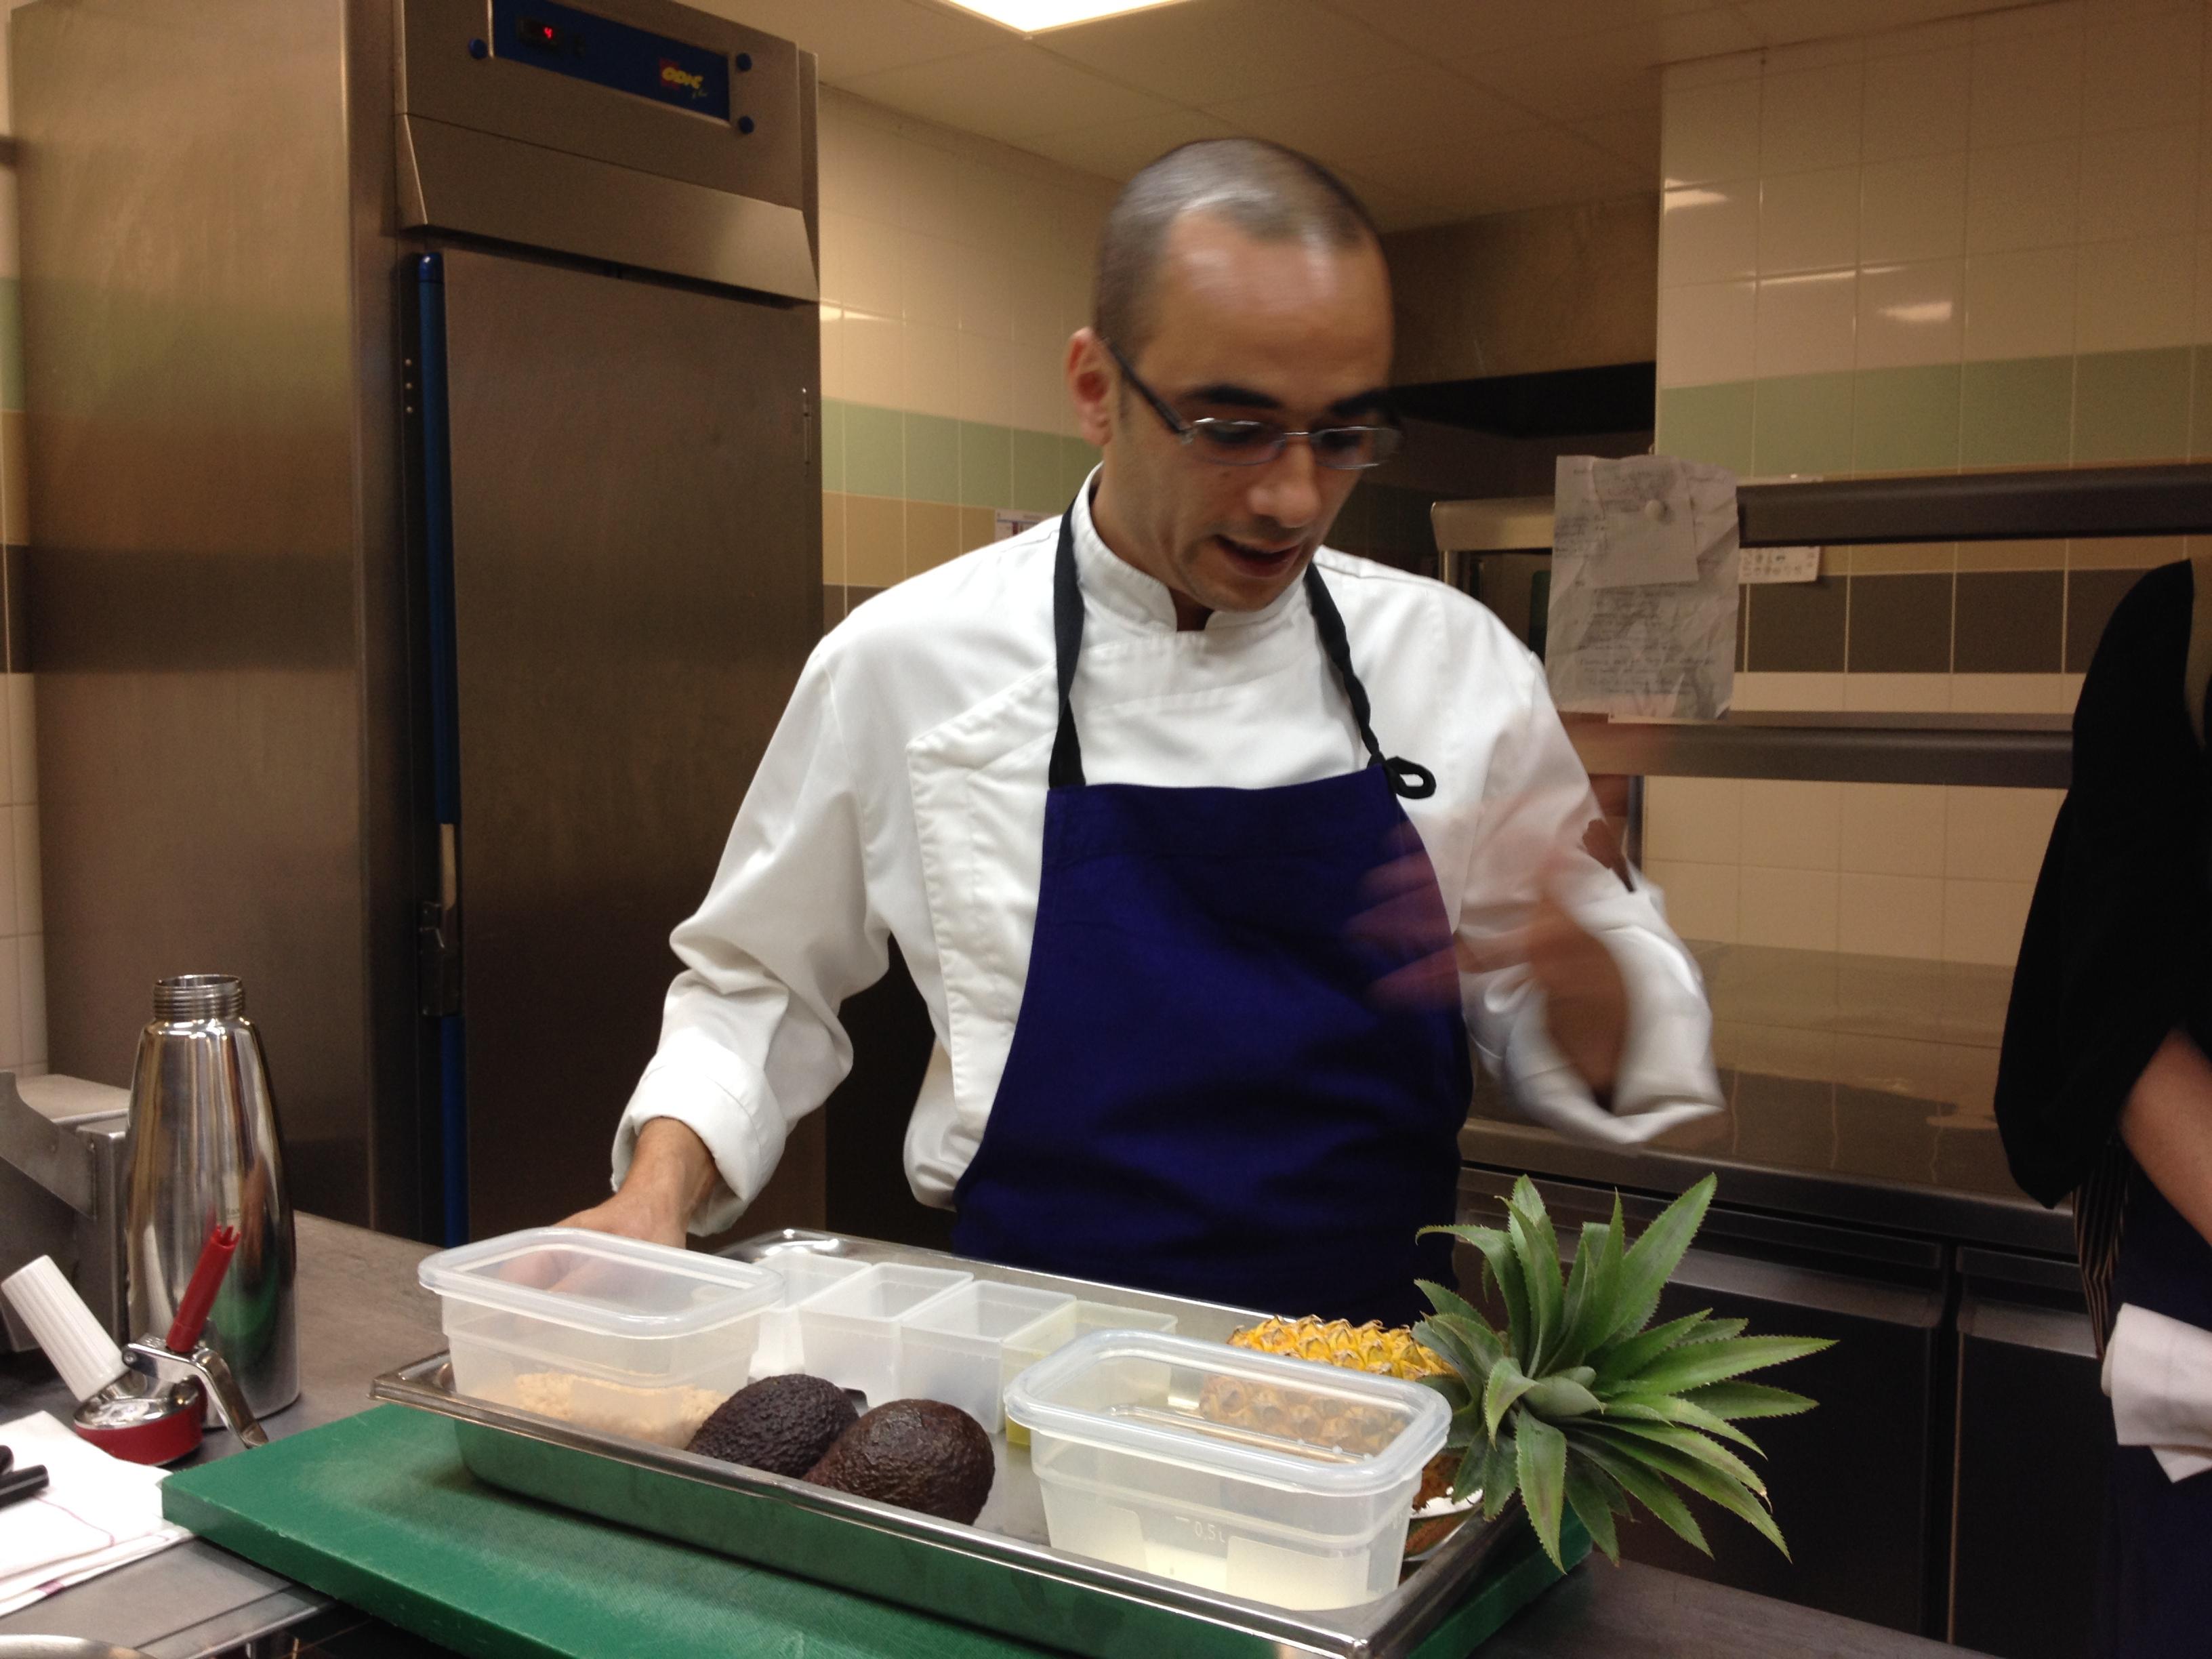 Cours cuisine le chef bien dans ma cuisine - Cours cuisine grand chef ...